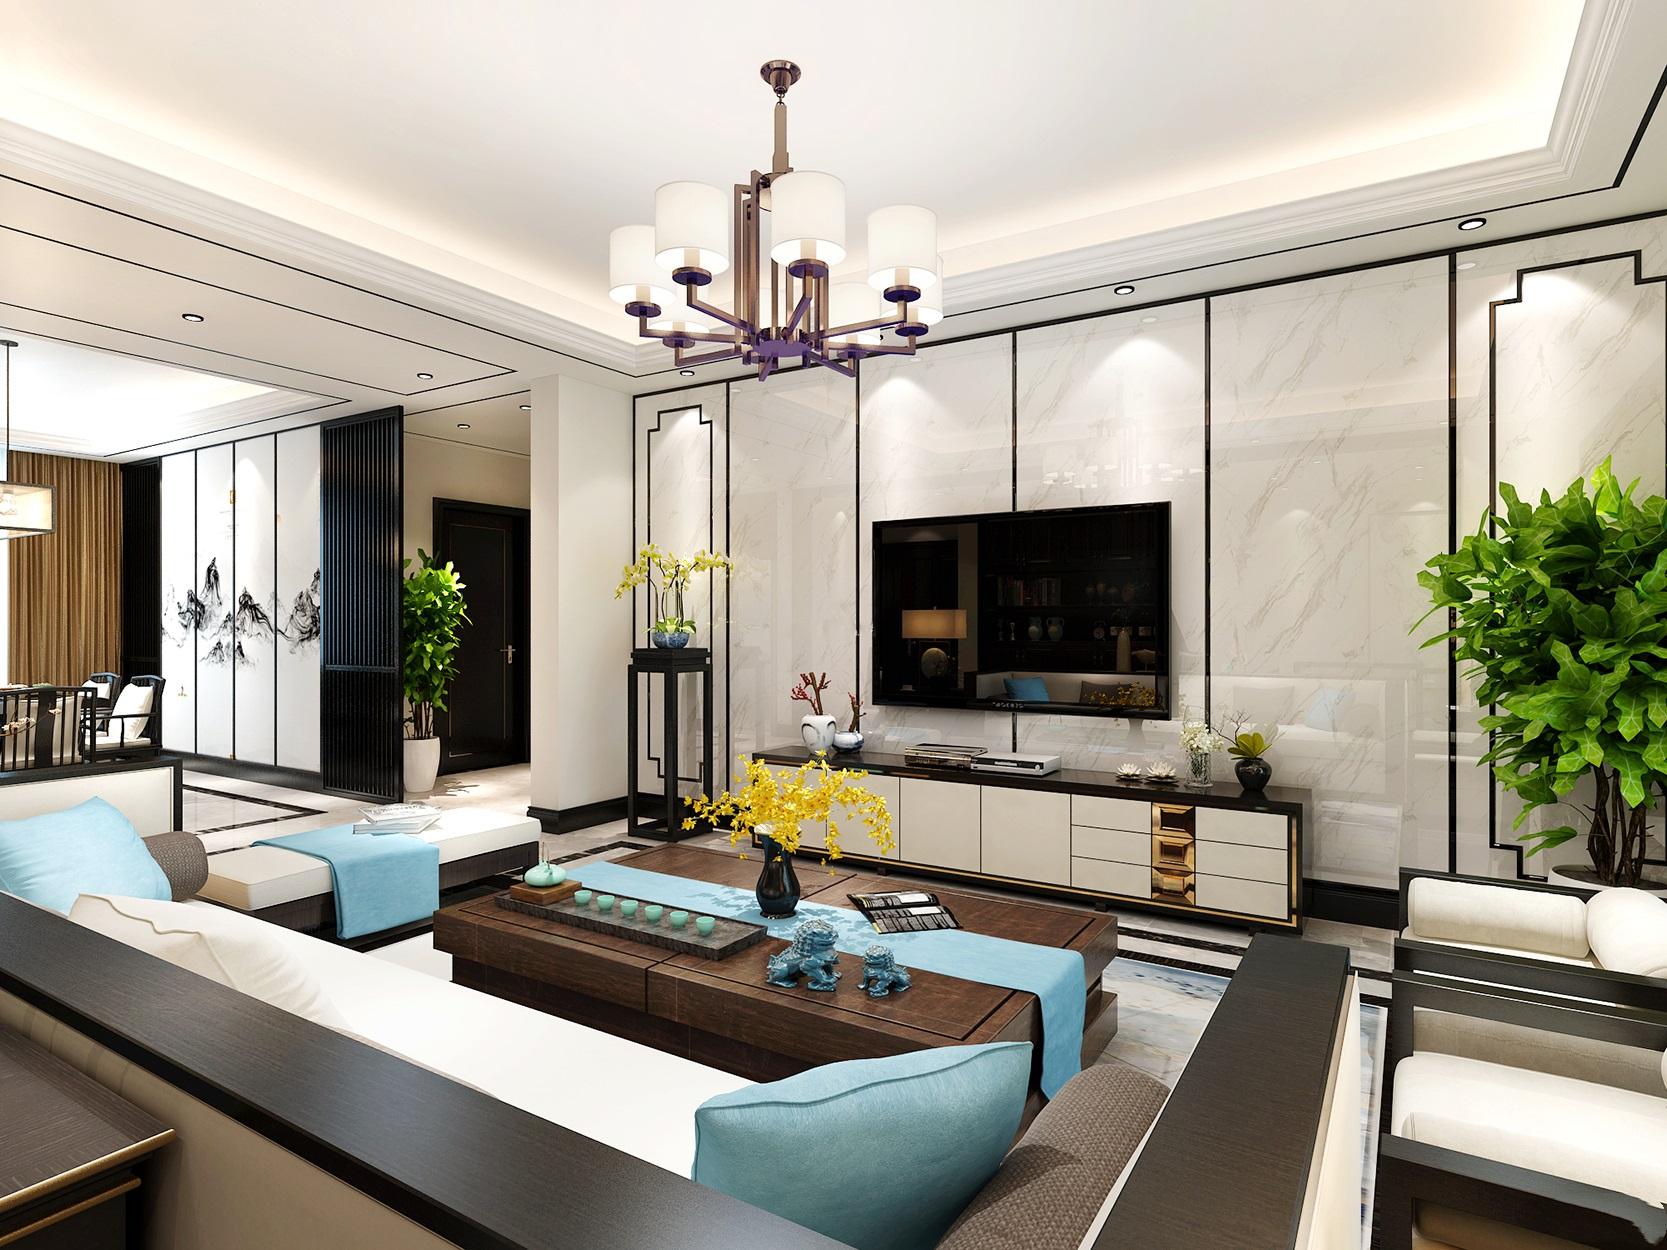 上饶装修设计--家装别墅新中式风格